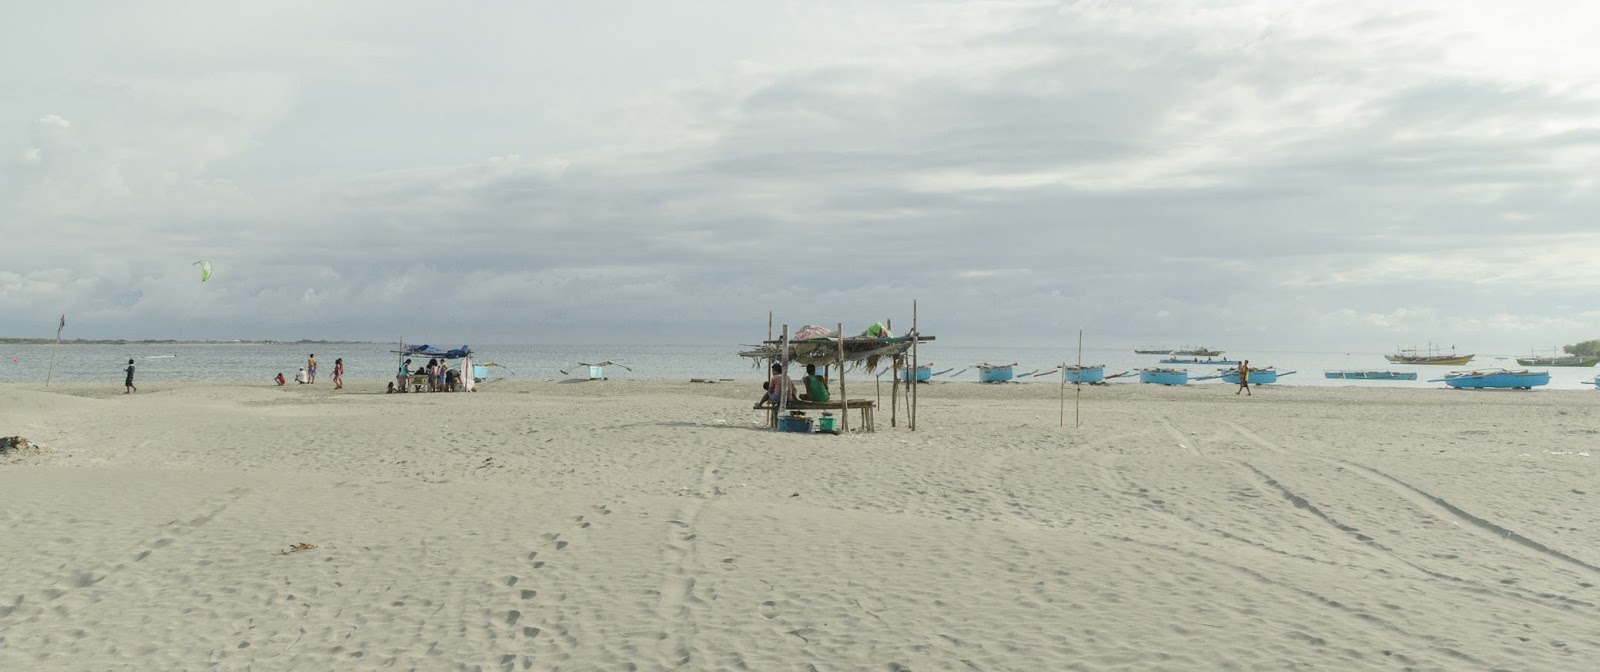 Puro Beach Pinget Island Magsingal Ilocos Sur